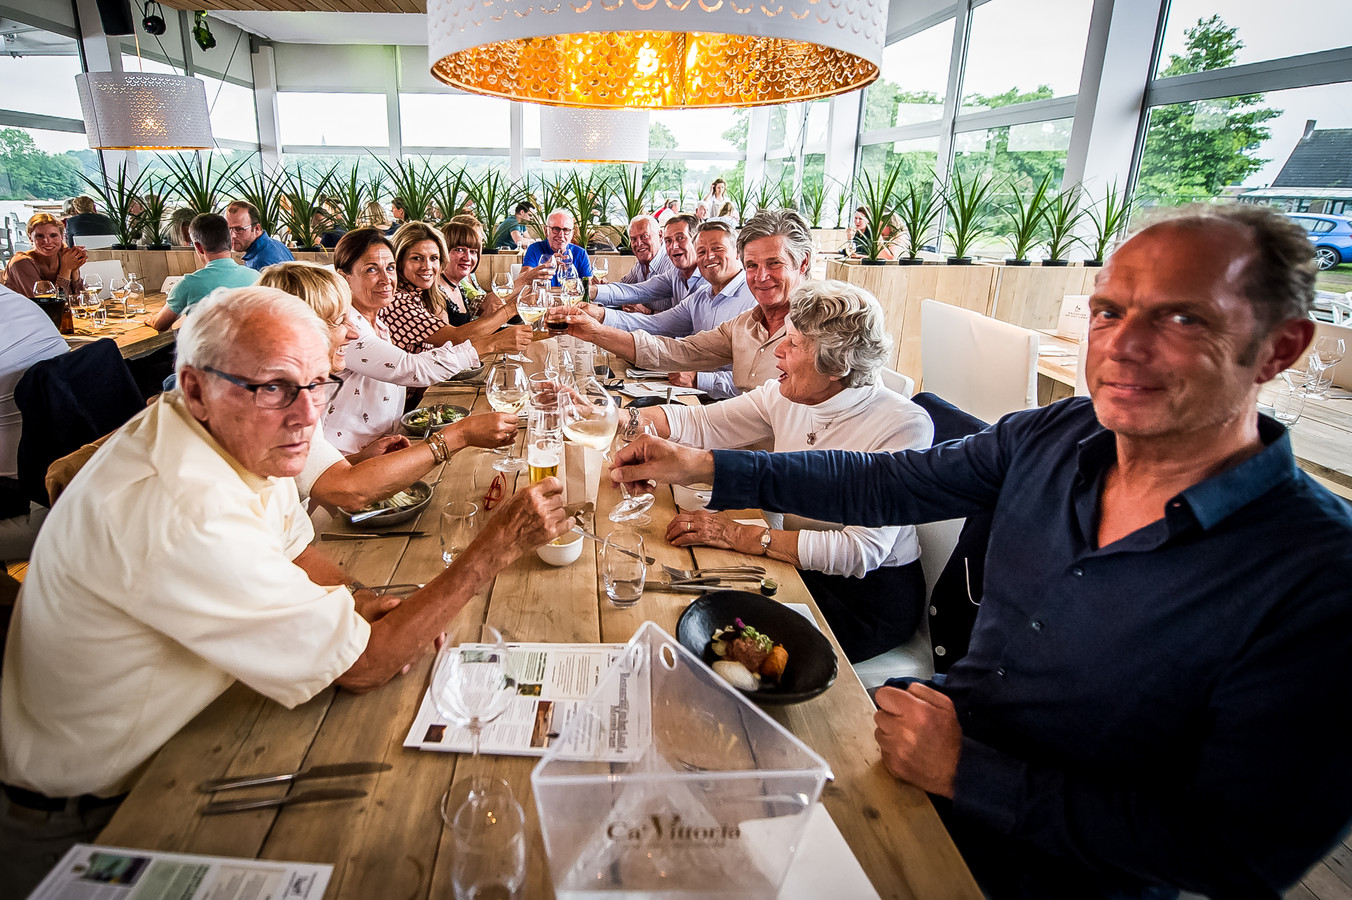 Onder het motto 'Goud ontmoet het witte goud' prikten onder meer oud-wielerkampioenen Joop Zoetemelk, Jan Janssen, Leo van Vliet en Leontien Zijlaard-van Moorsel donderdagavond in sappige asperges.  Foto Joris Knapen / Pix4Profs